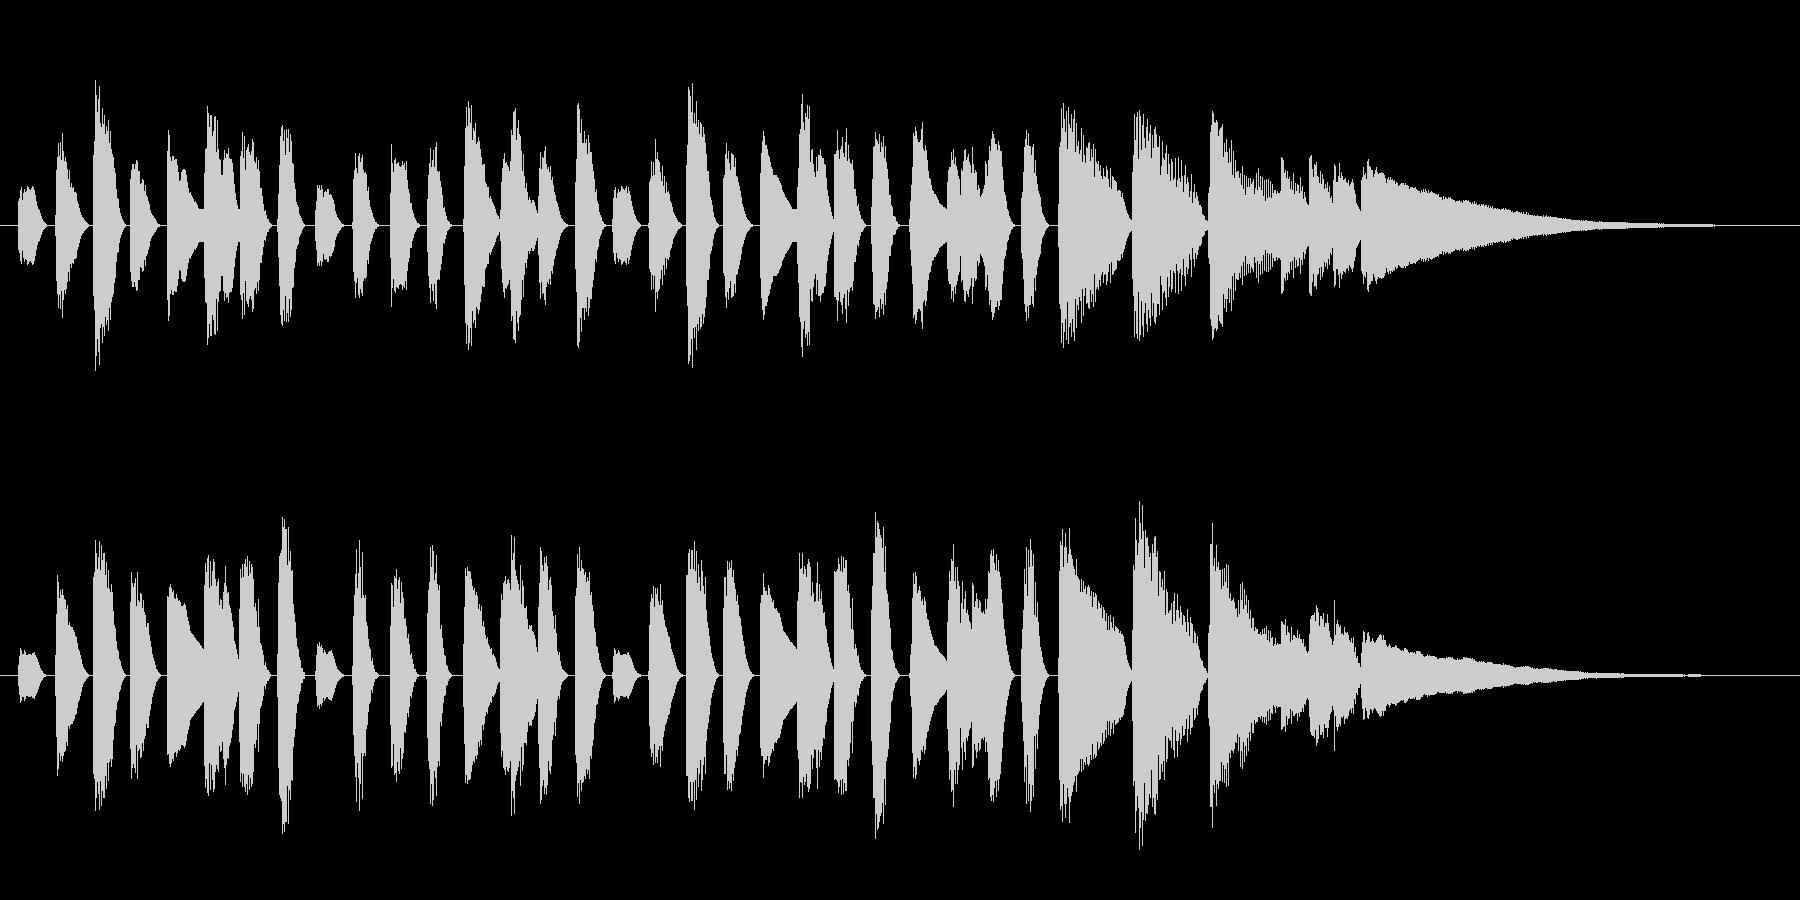 ほのぼの系ピアノのオープニングジングルの未再生の波形